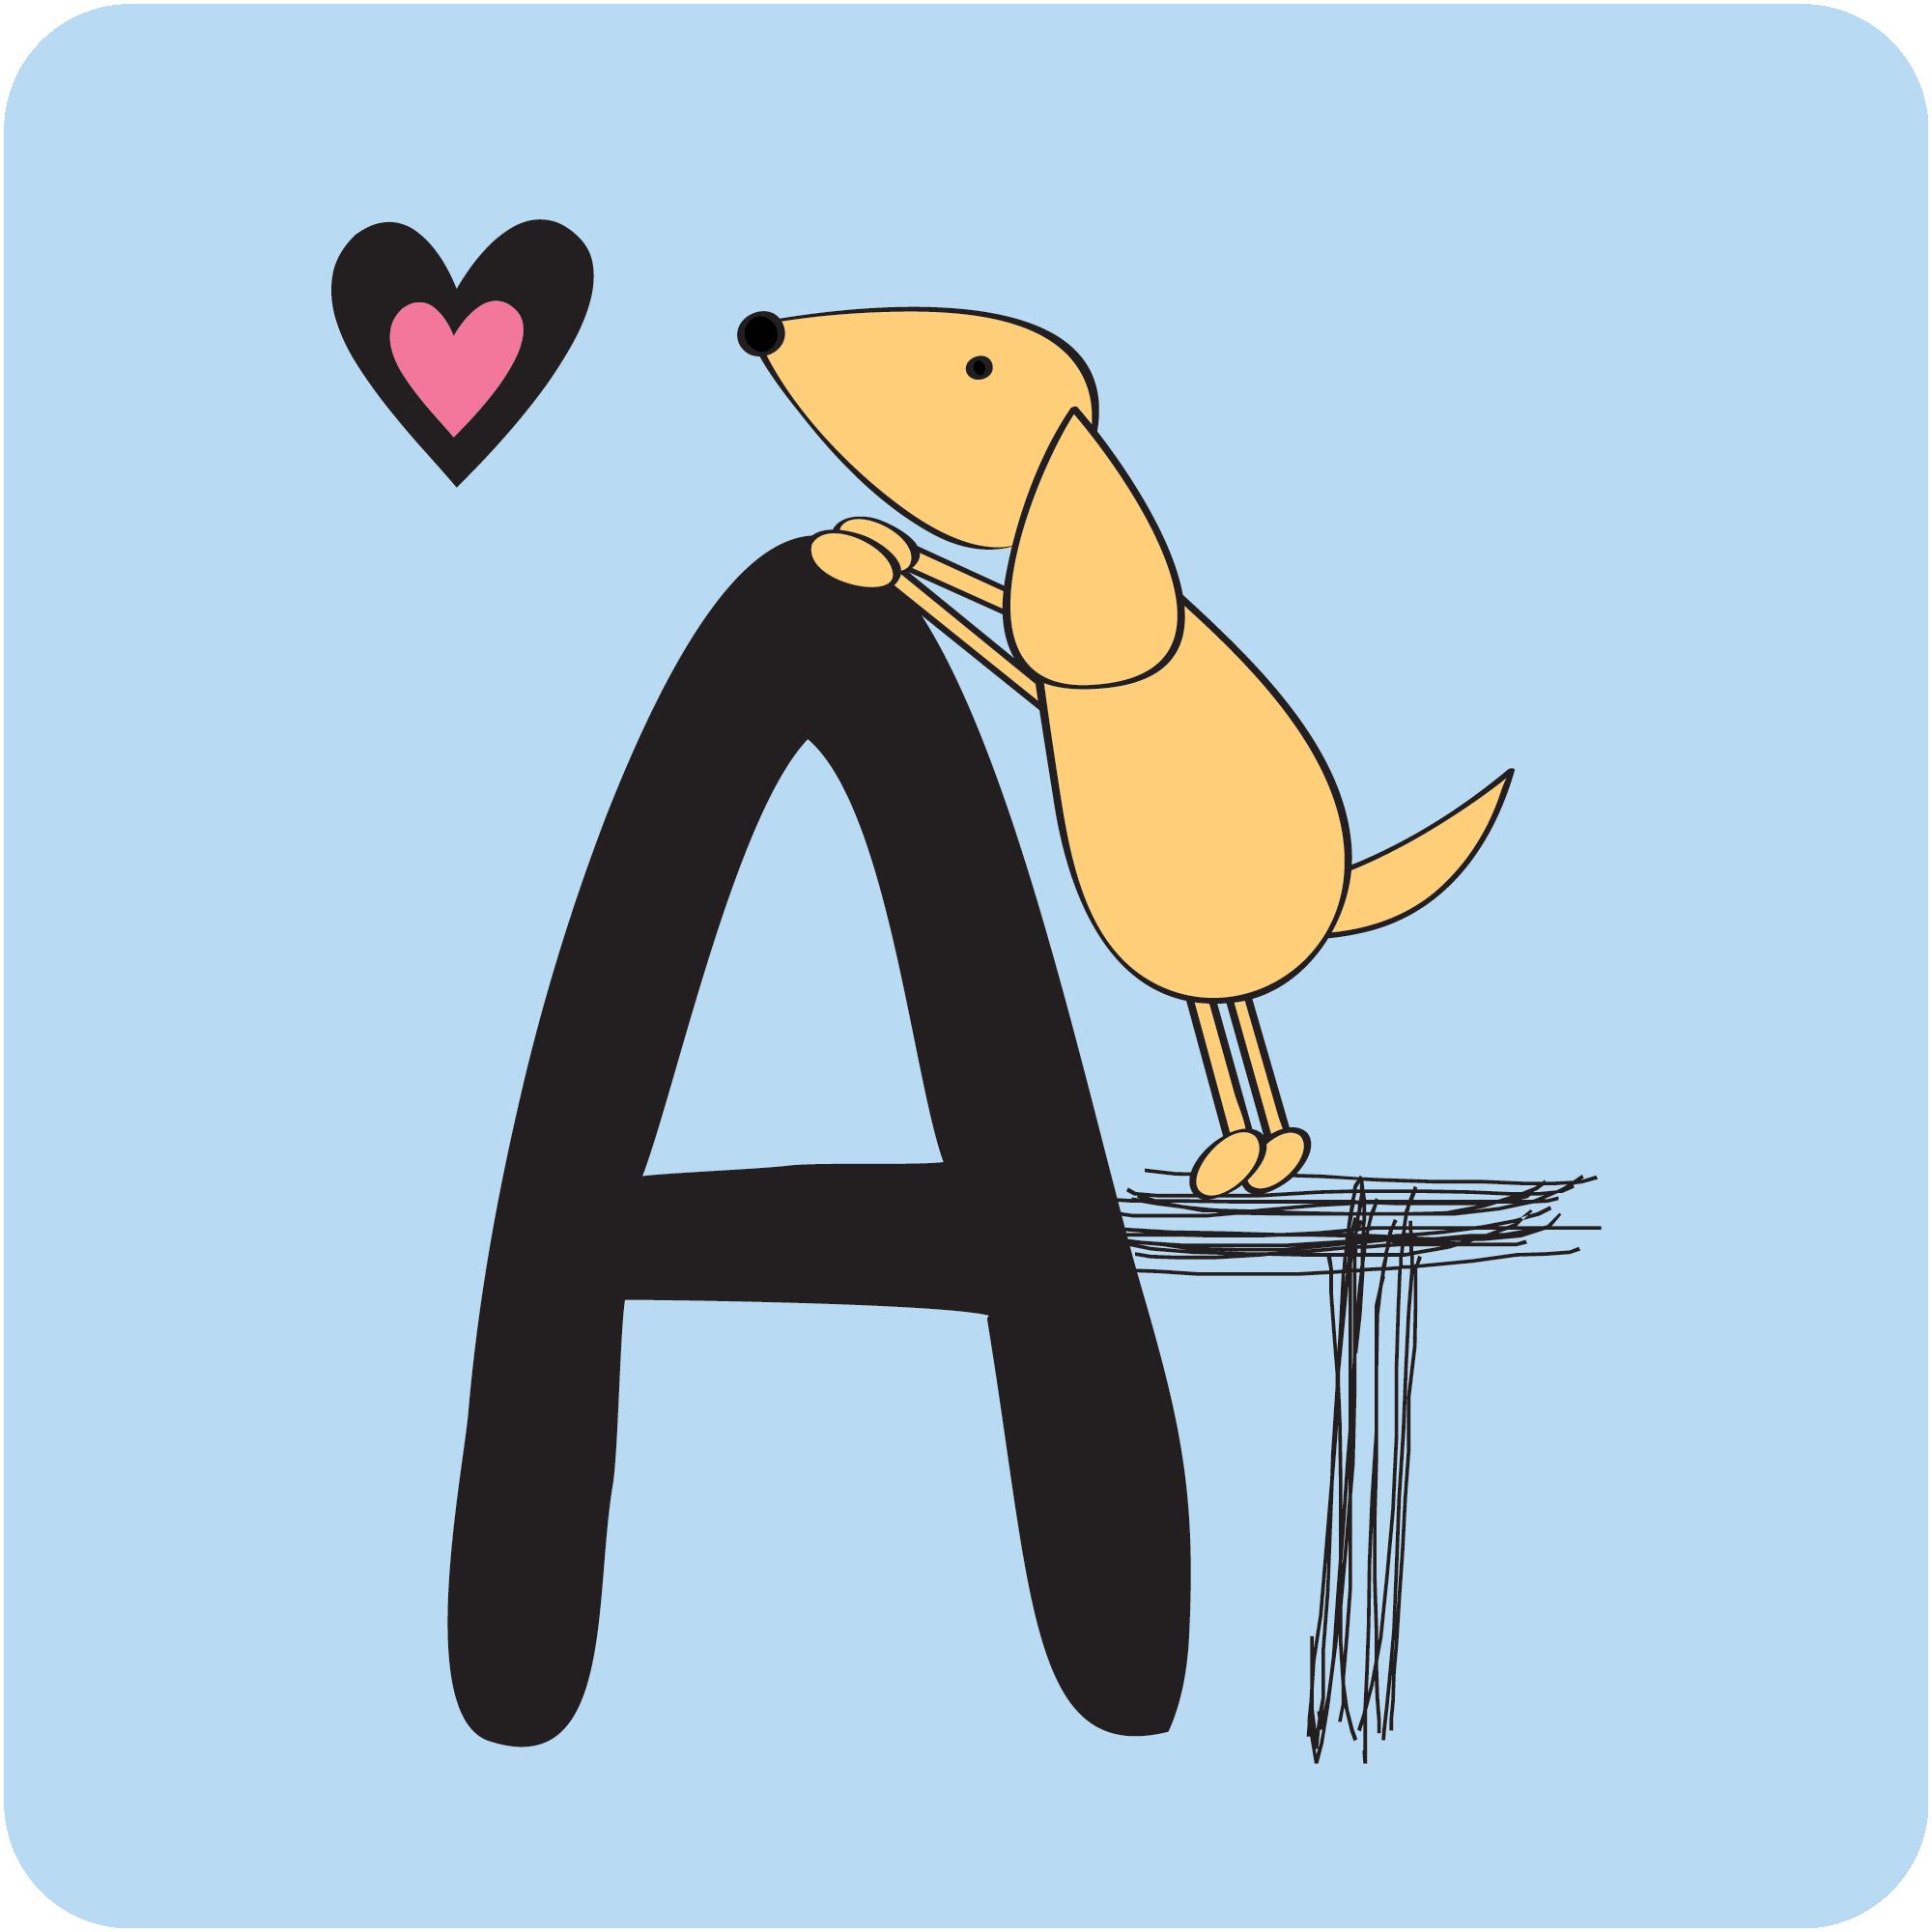 Anima simbolo hires web tra